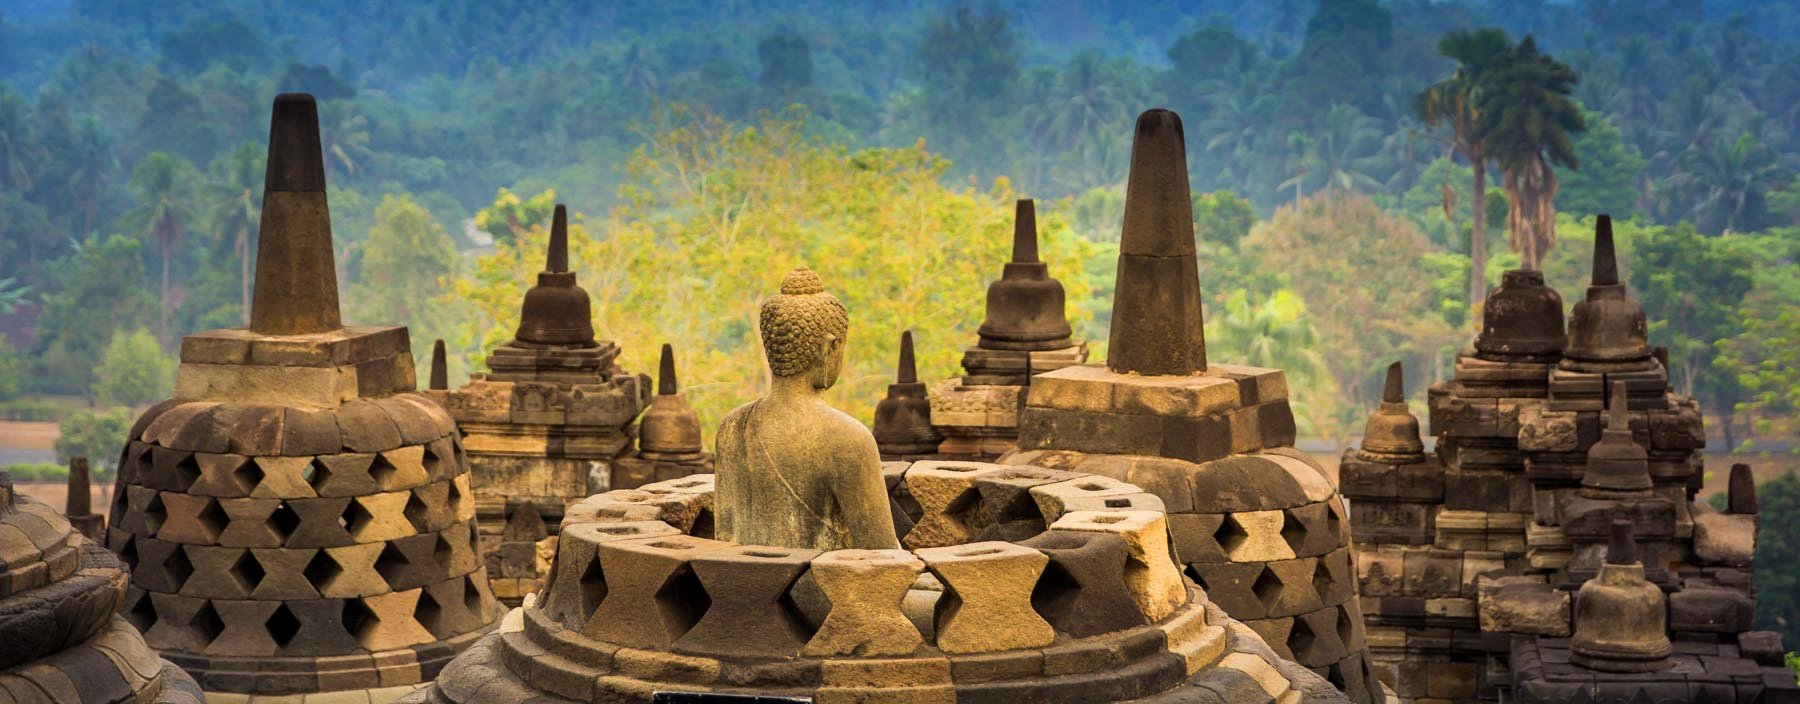 id, java, borobudur temple (2).jpg